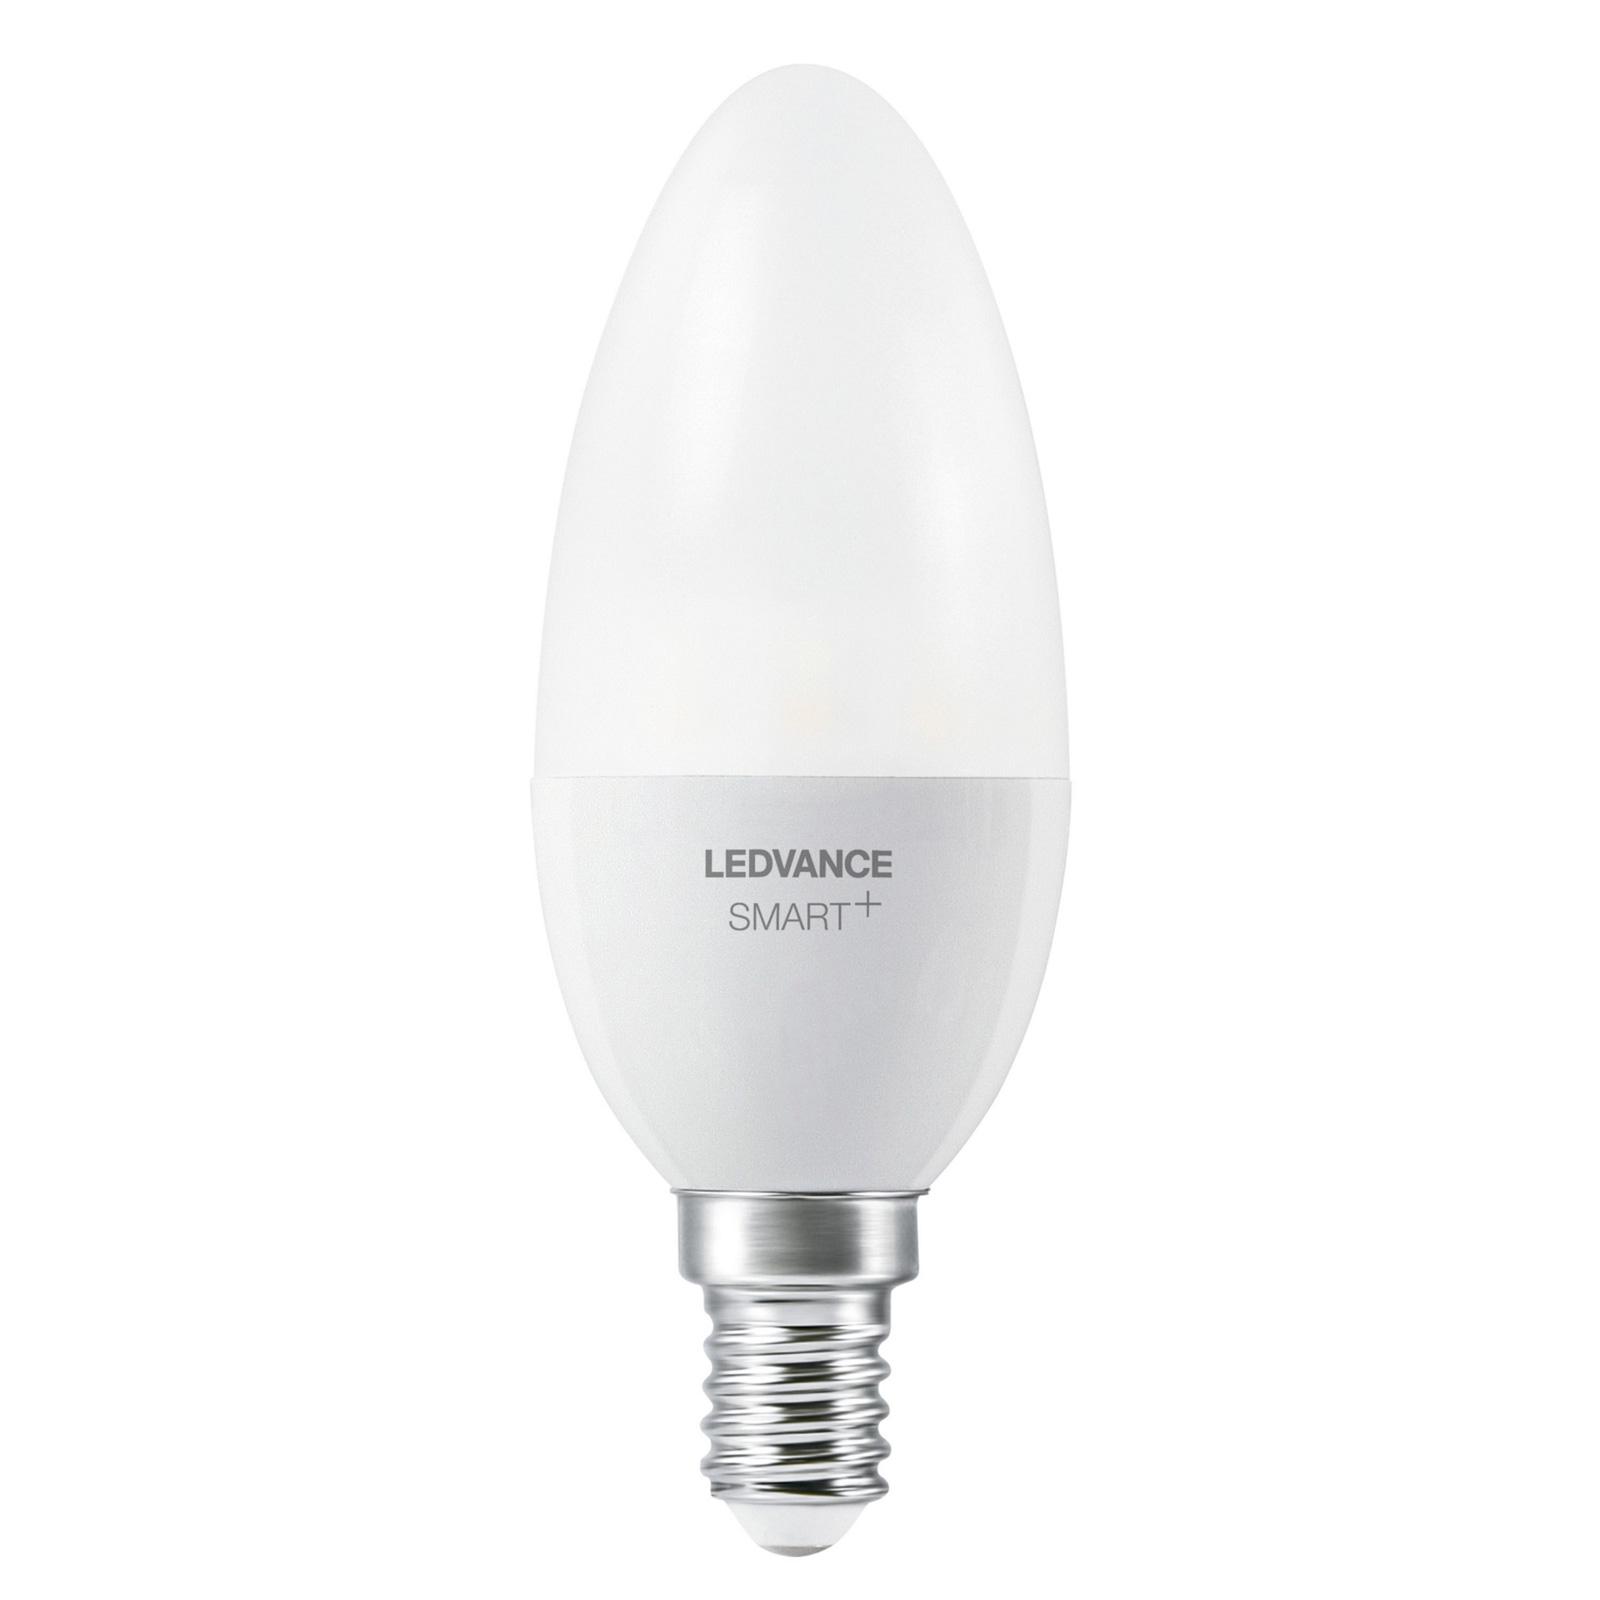 LEDVANCE SMART+ ZigBee E14 LED-kynttilä 2 700 K